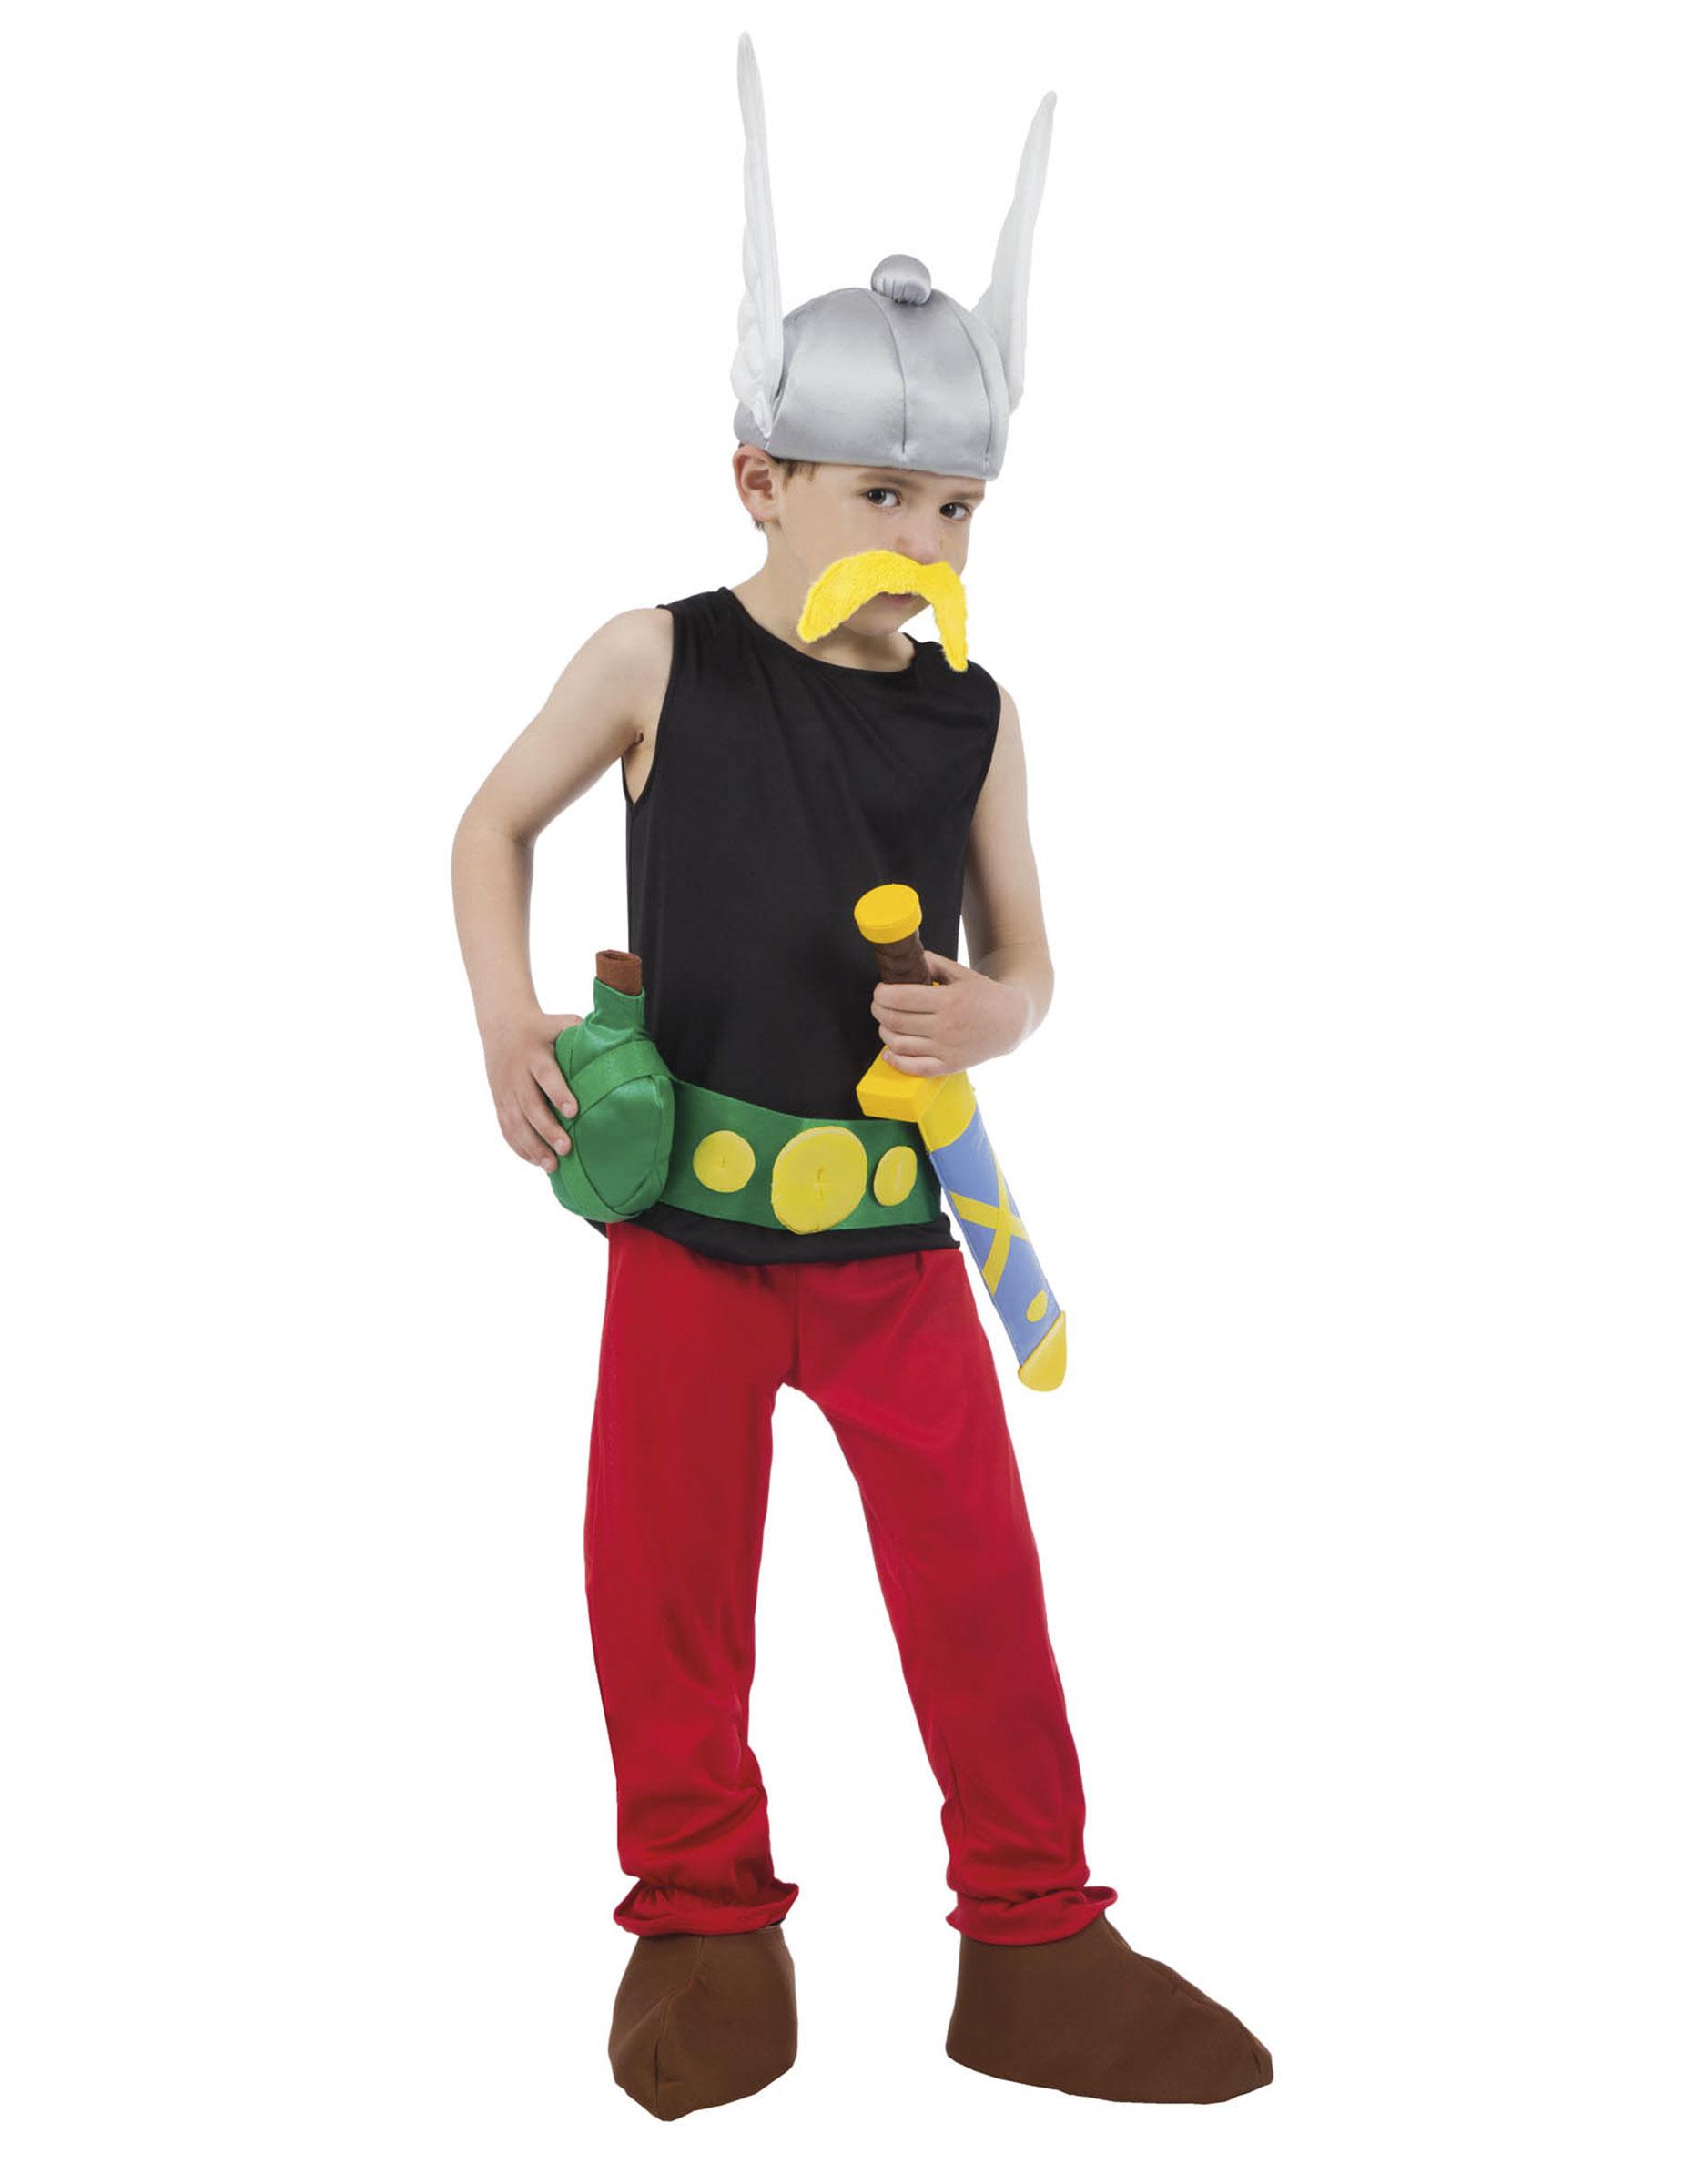 ORIGINALE Asterix costume per bambini carnevale costume licenza COMIC